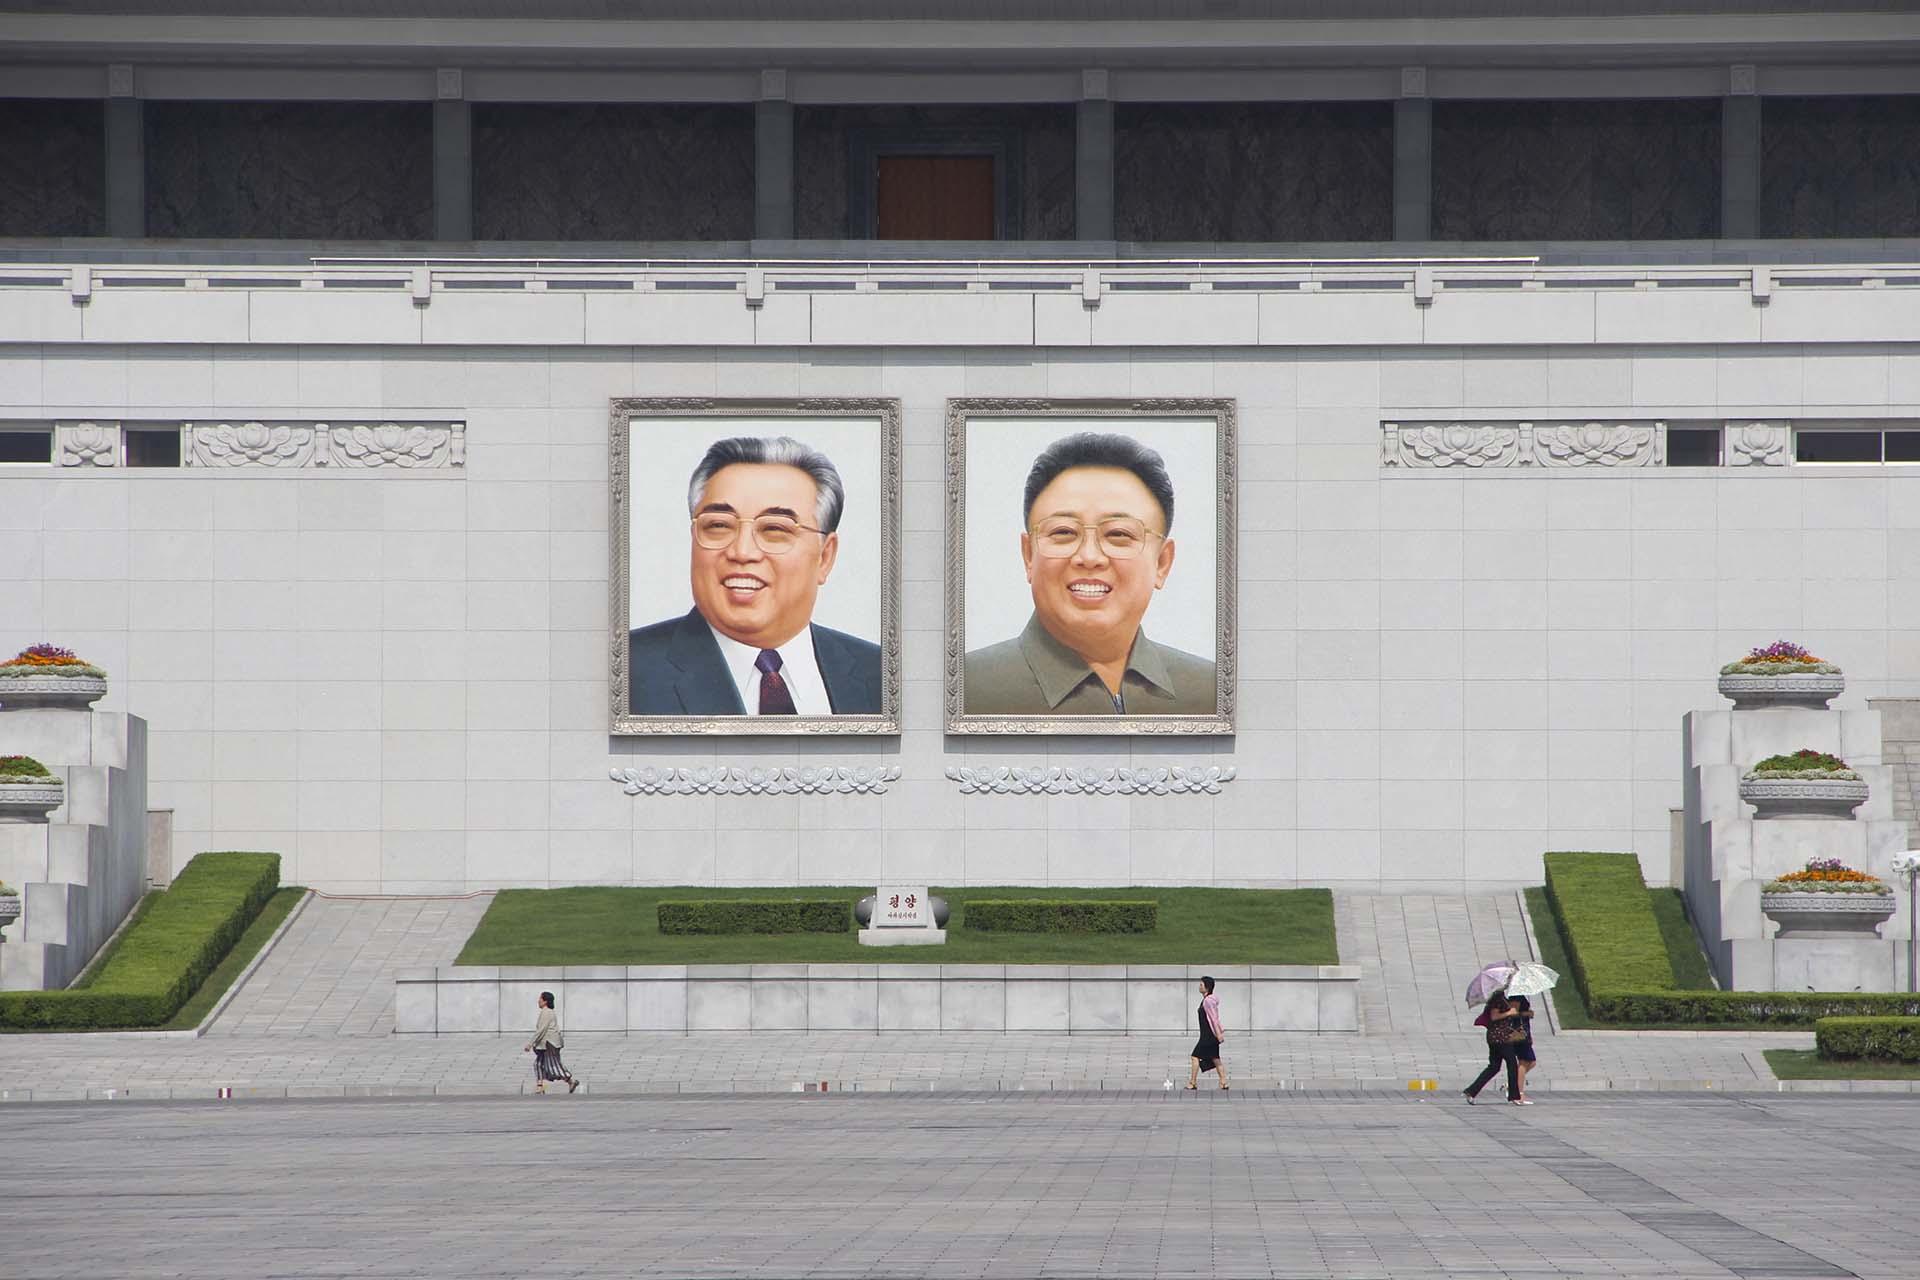 """Los retratos de Kim Il Sung (izq.) y Kim Jong Il (der.) dominan la plaza central de Pyongyang. Cuando llegué por primera vez a la ciudad, era el año 104. La noche anterior, al salir de Pekín, el almanaque chino decía """"2015"""", pero esa convención no tenía valor al otro lado de la frontera. Allí marcaba el paso de los días el calendario Juche, una creación plenamente norcoreana que fija el inicio de los tiempos en 1912, el año en que nació Kim Il Sung, """"Presidente Eterno"""" de Corea del Norte aun después de su muerte"""